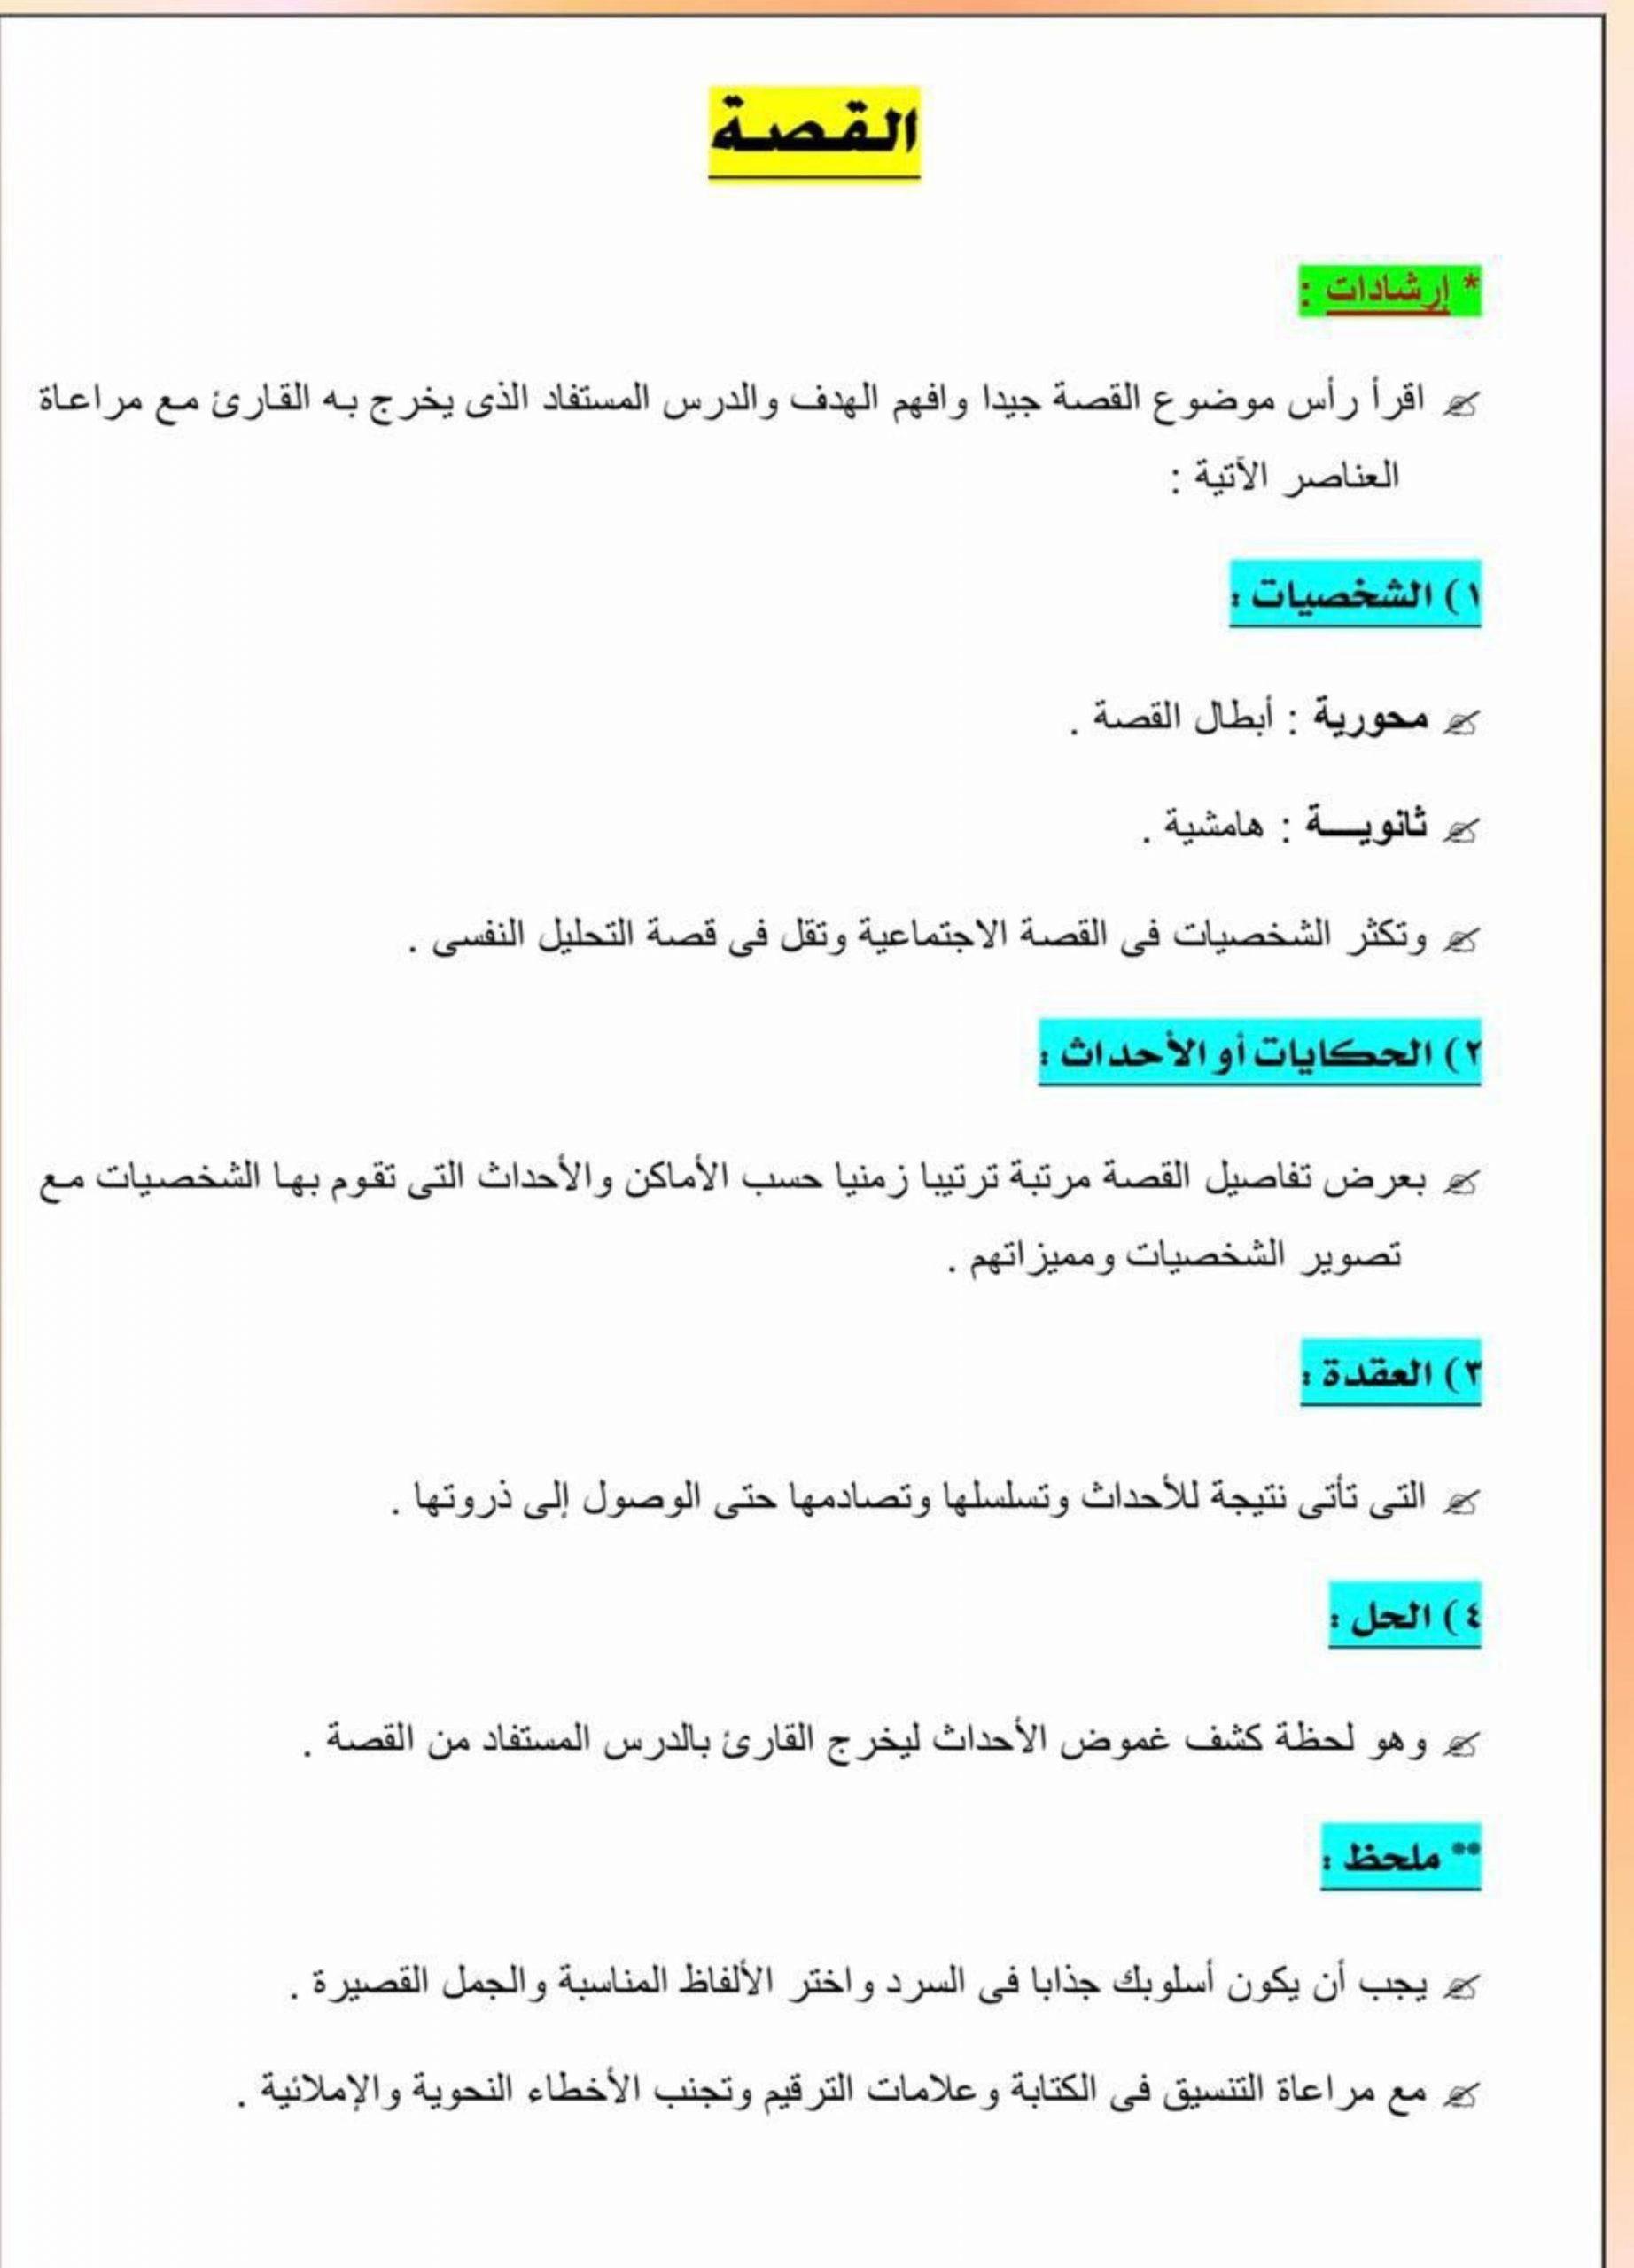 مواضيع كتابة متنوعة مختارة الصف السادس مادة اللغة العربية